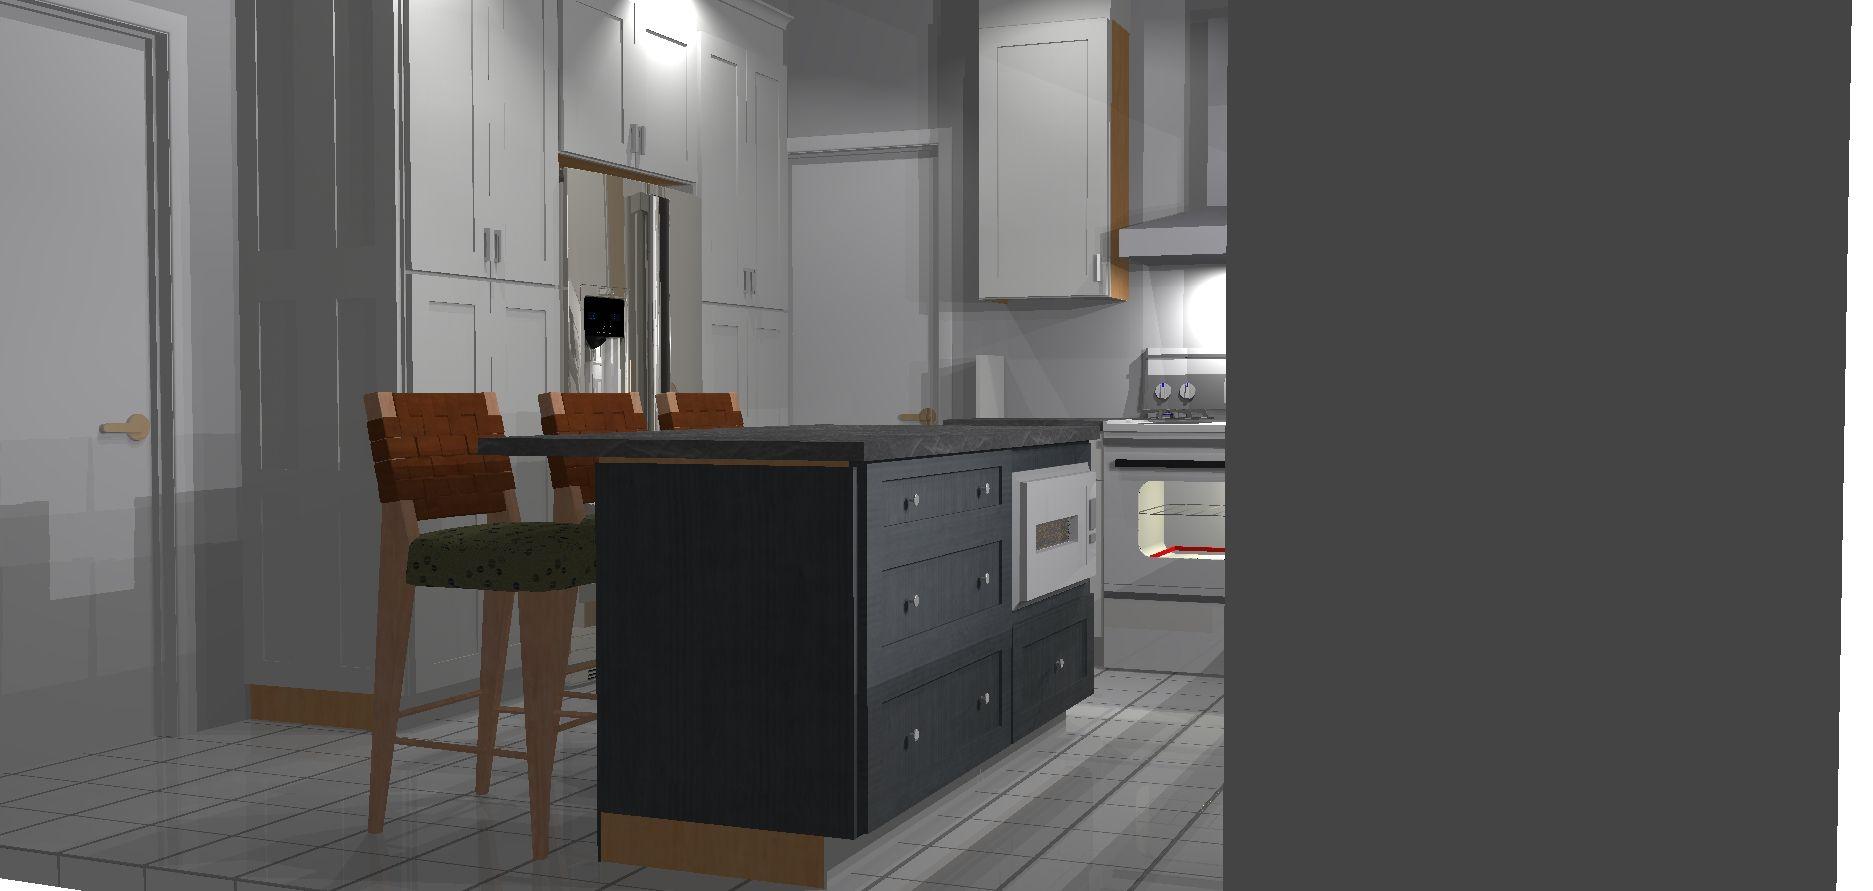 Pin On Kitchen Good